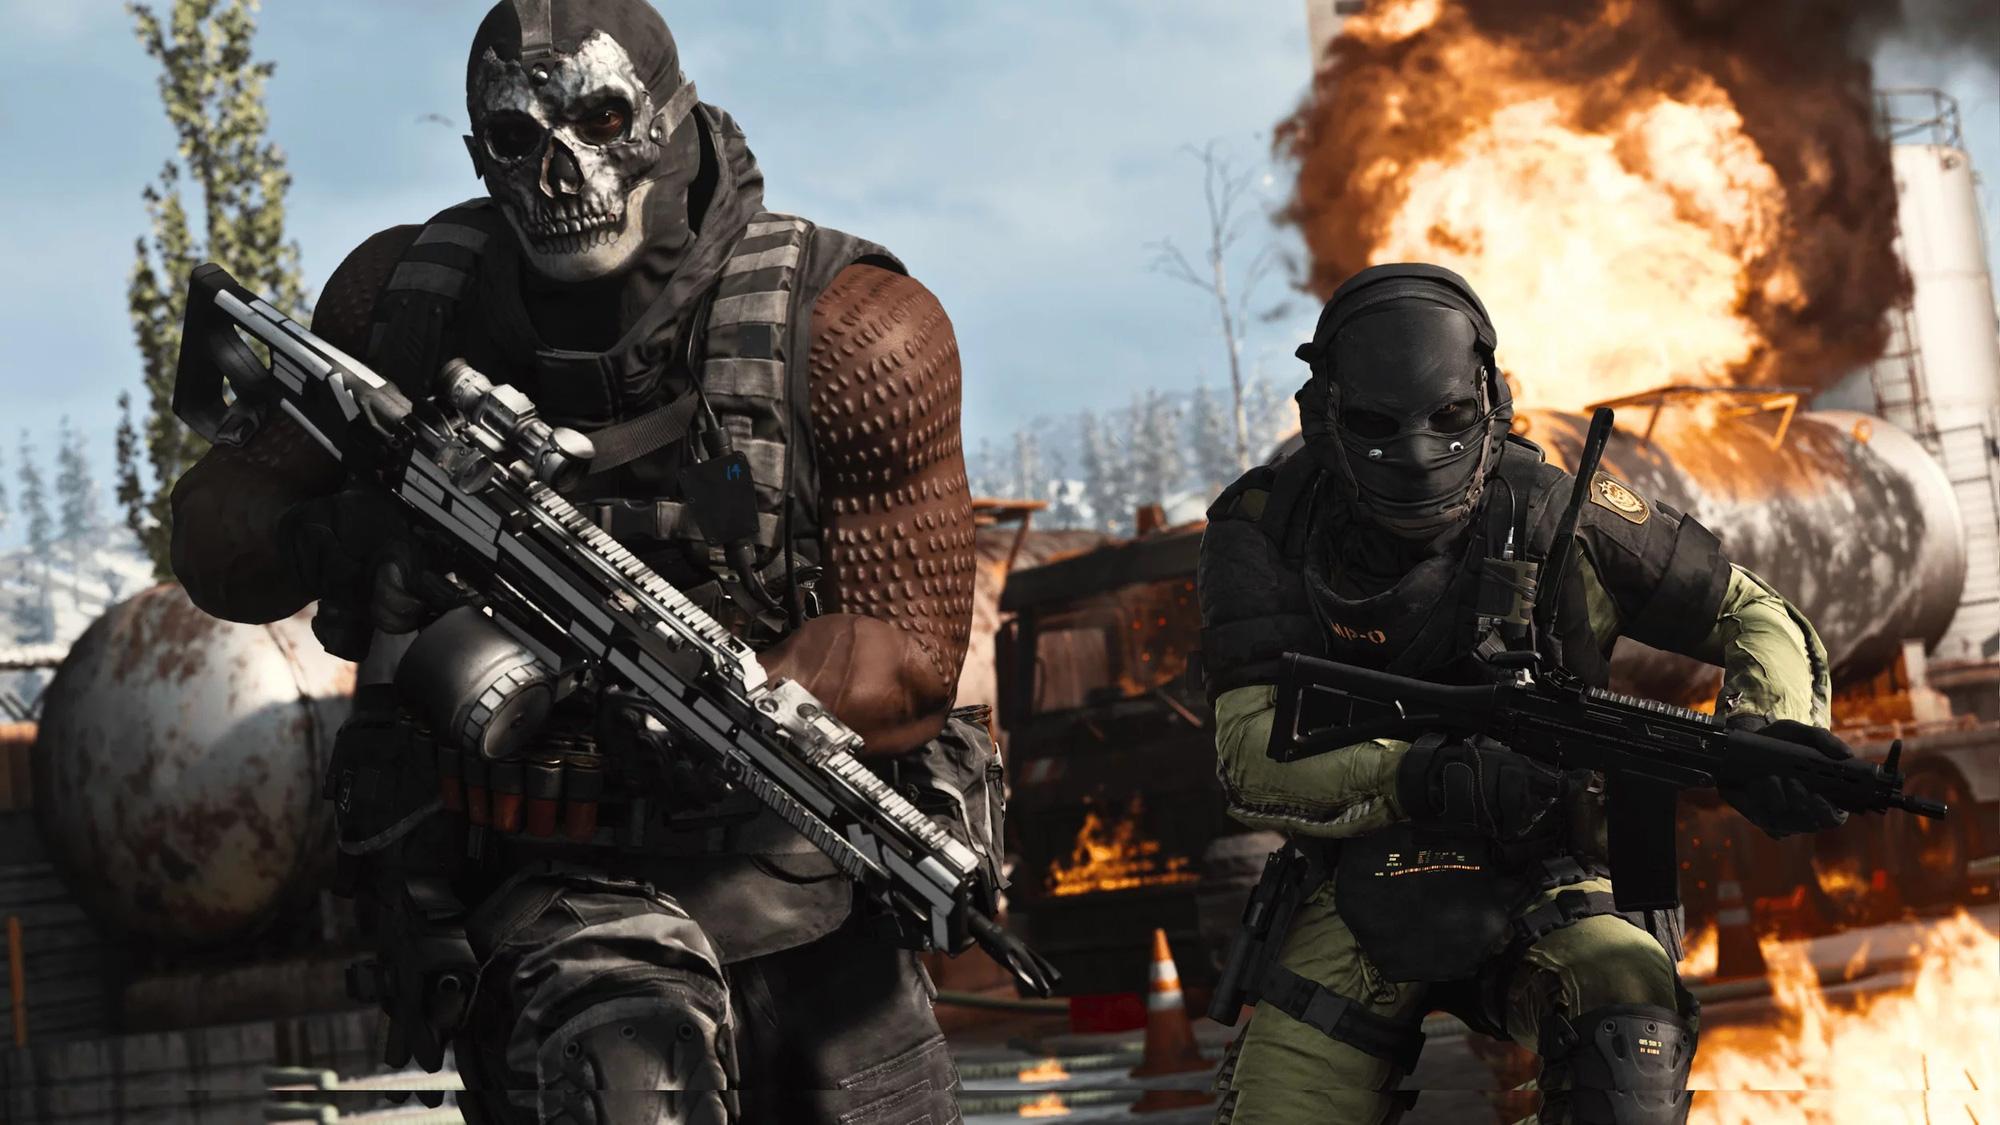 Call of Duty ra mắt chế độ giống hệt PUBG, đã thế còn miễn phí 100% - Ảnh 1.